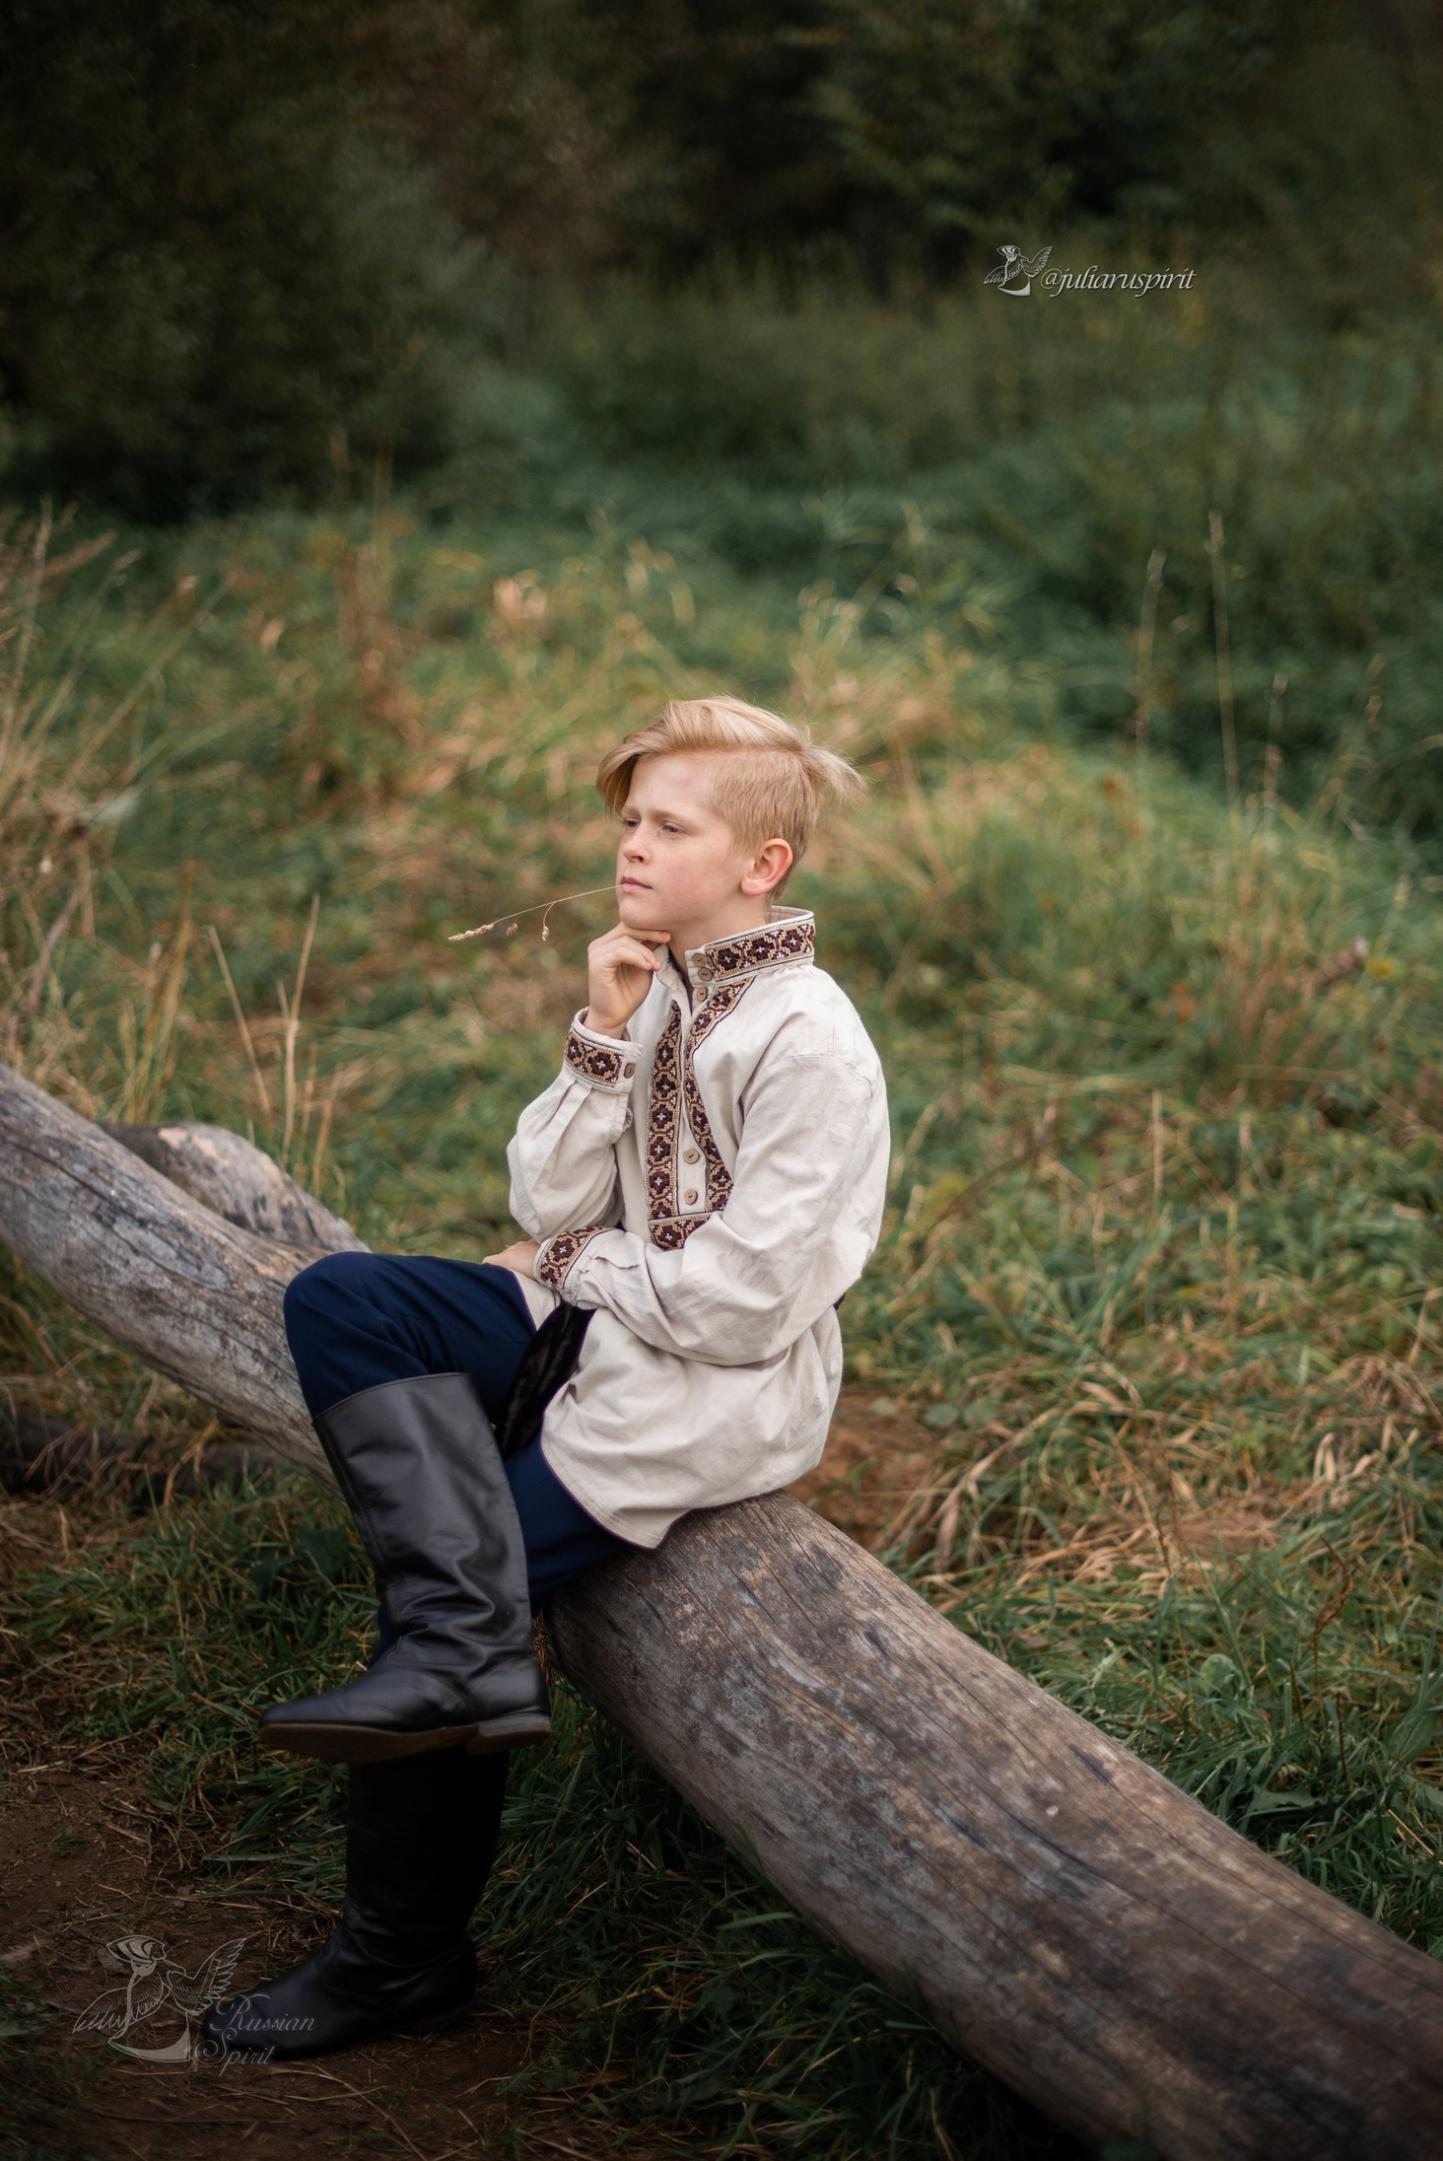 мальчик в льняной рубхе задумался на бревне